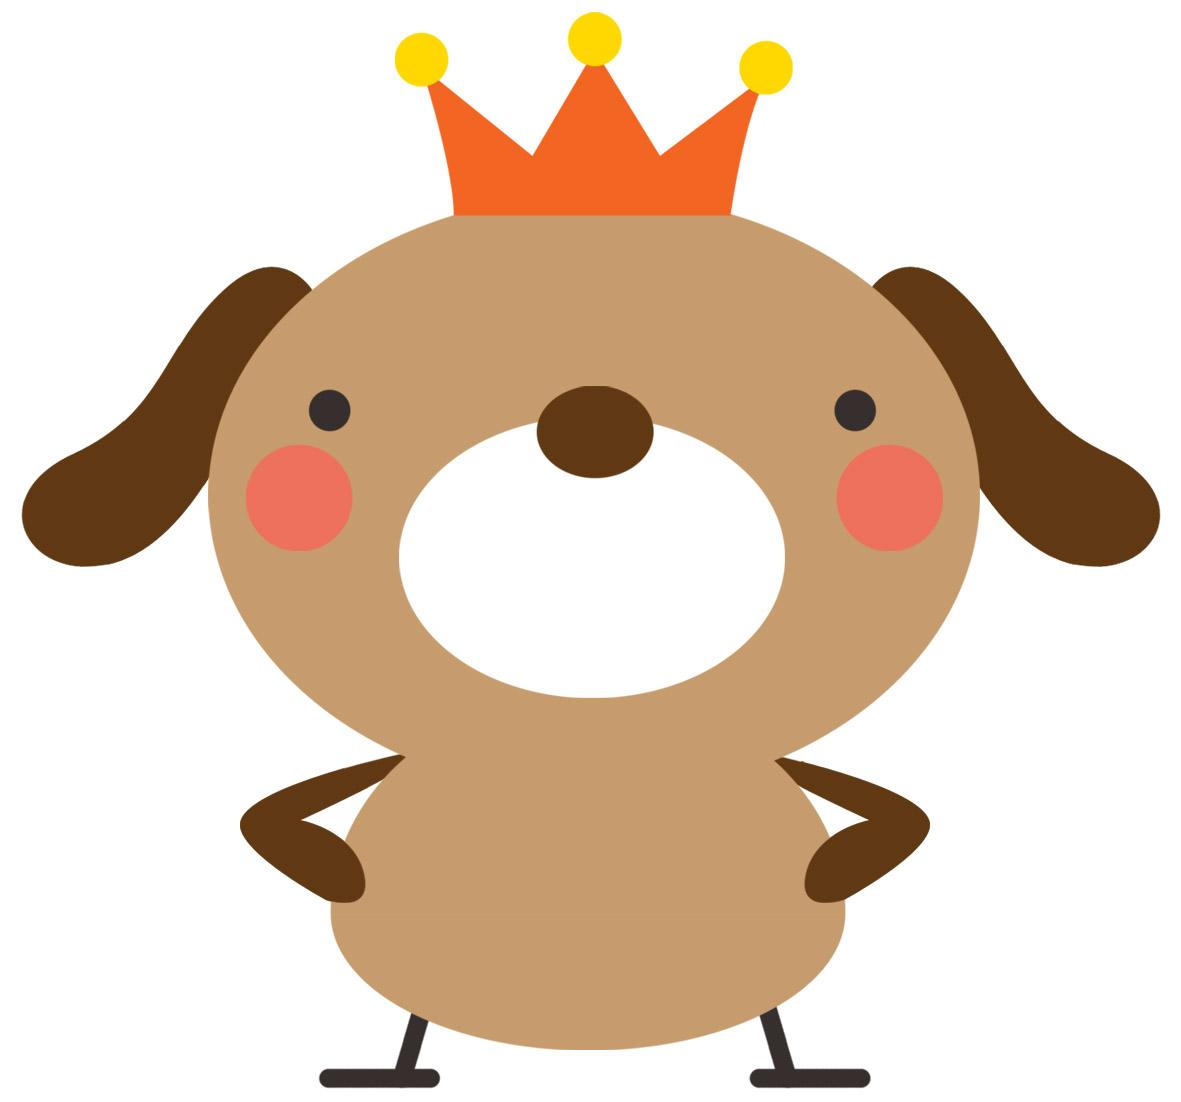 高解像度プリント素材 犬イラスト~mococo print~ : 【素材】可愛らしい